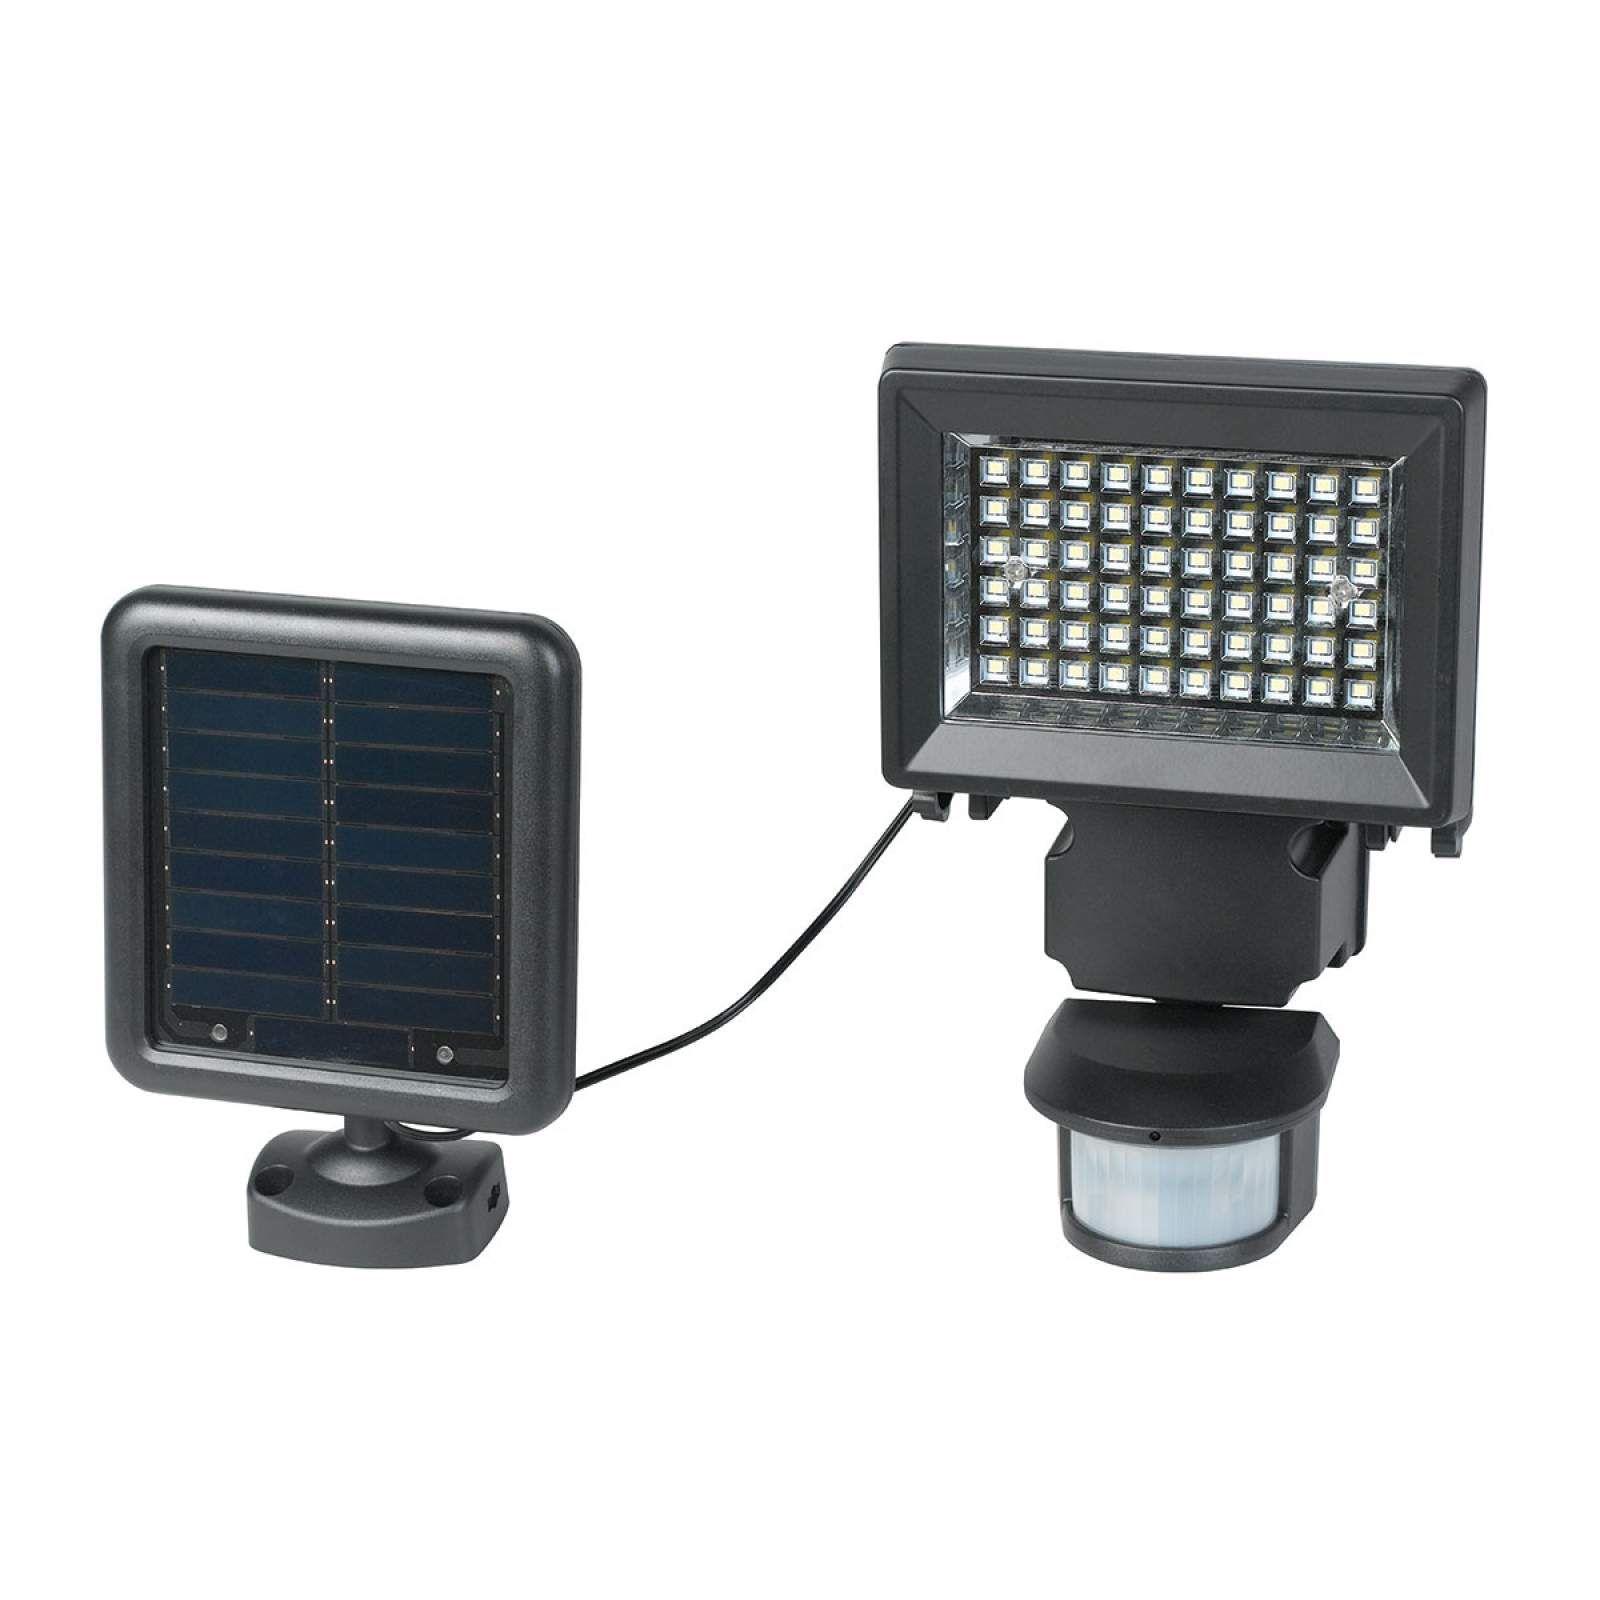 Solar Wandleuchten Luke Von Duracell Schwarz Sicherheitsbeleuchtung Strahler Mit Bewegungsmelder Und Bewegungsmelder